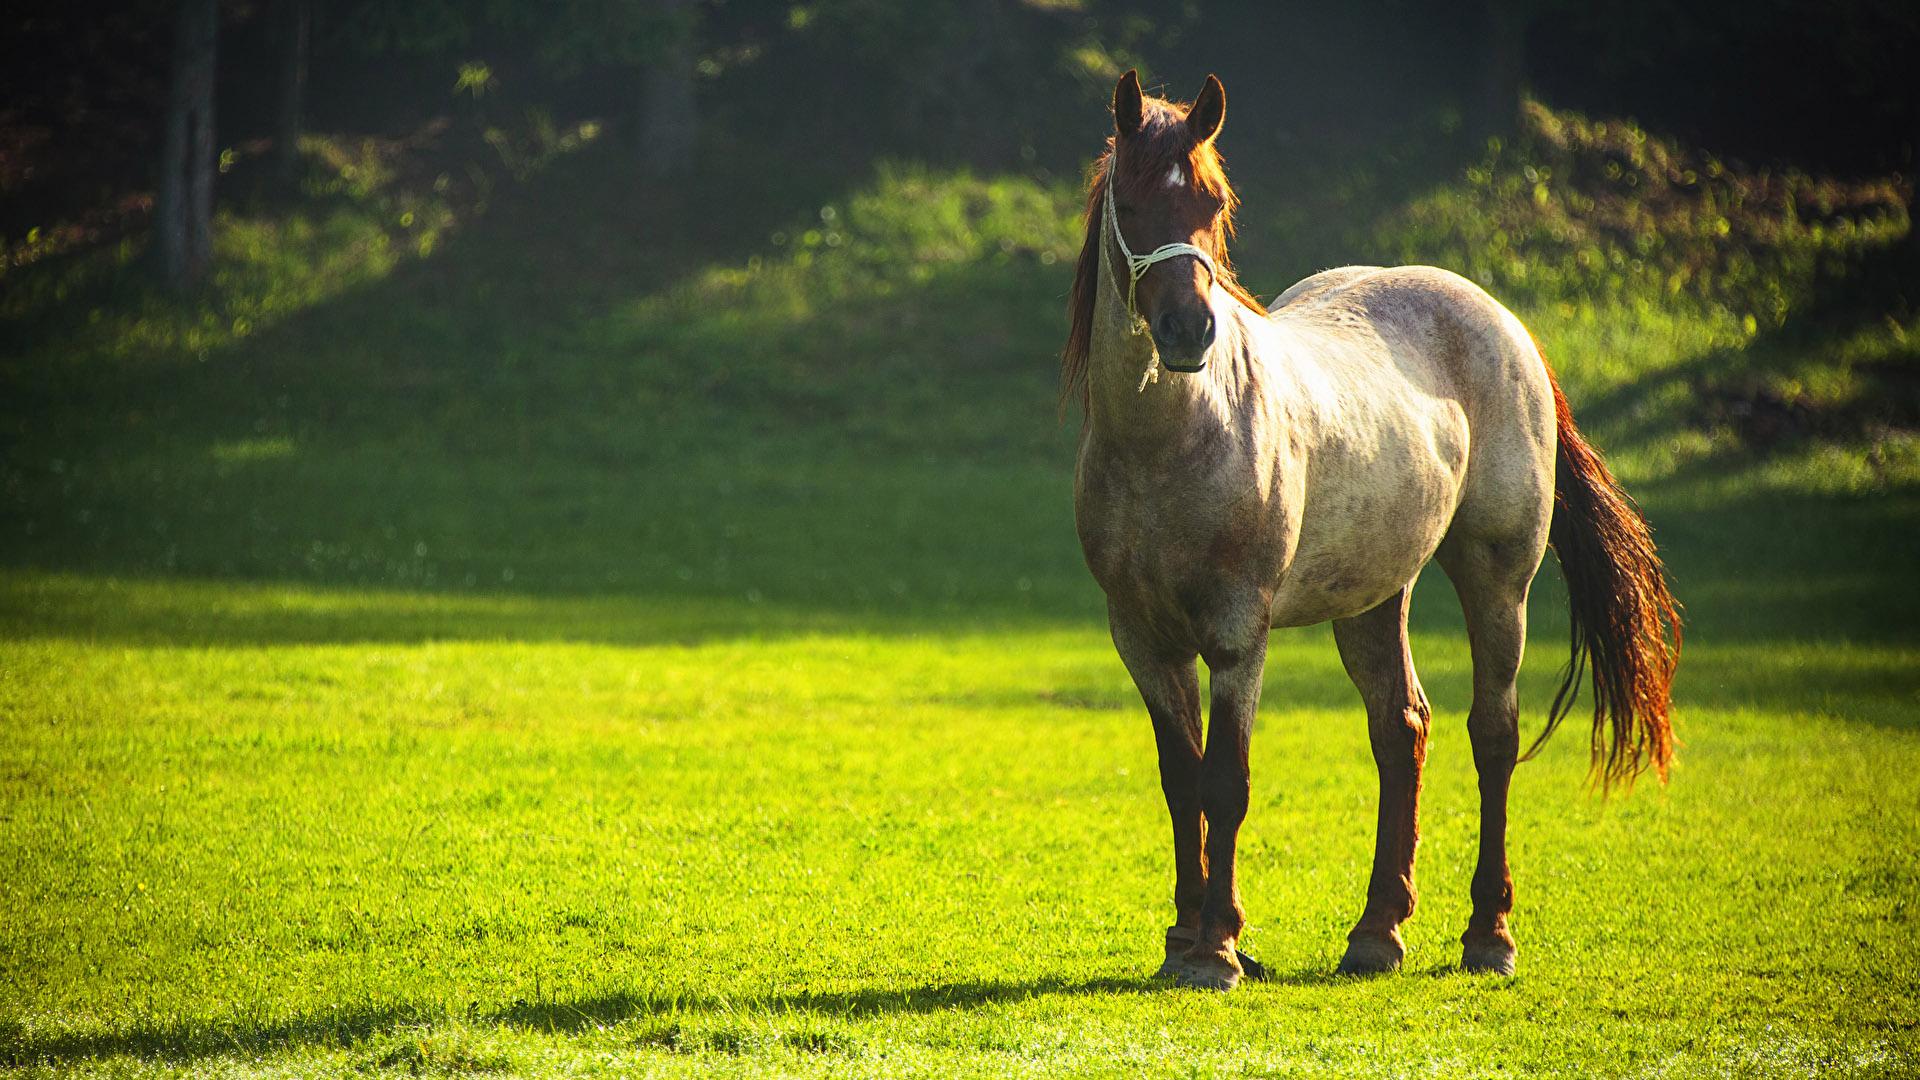 Картинки на рабочий стол лошади - красивые и удивительные 10